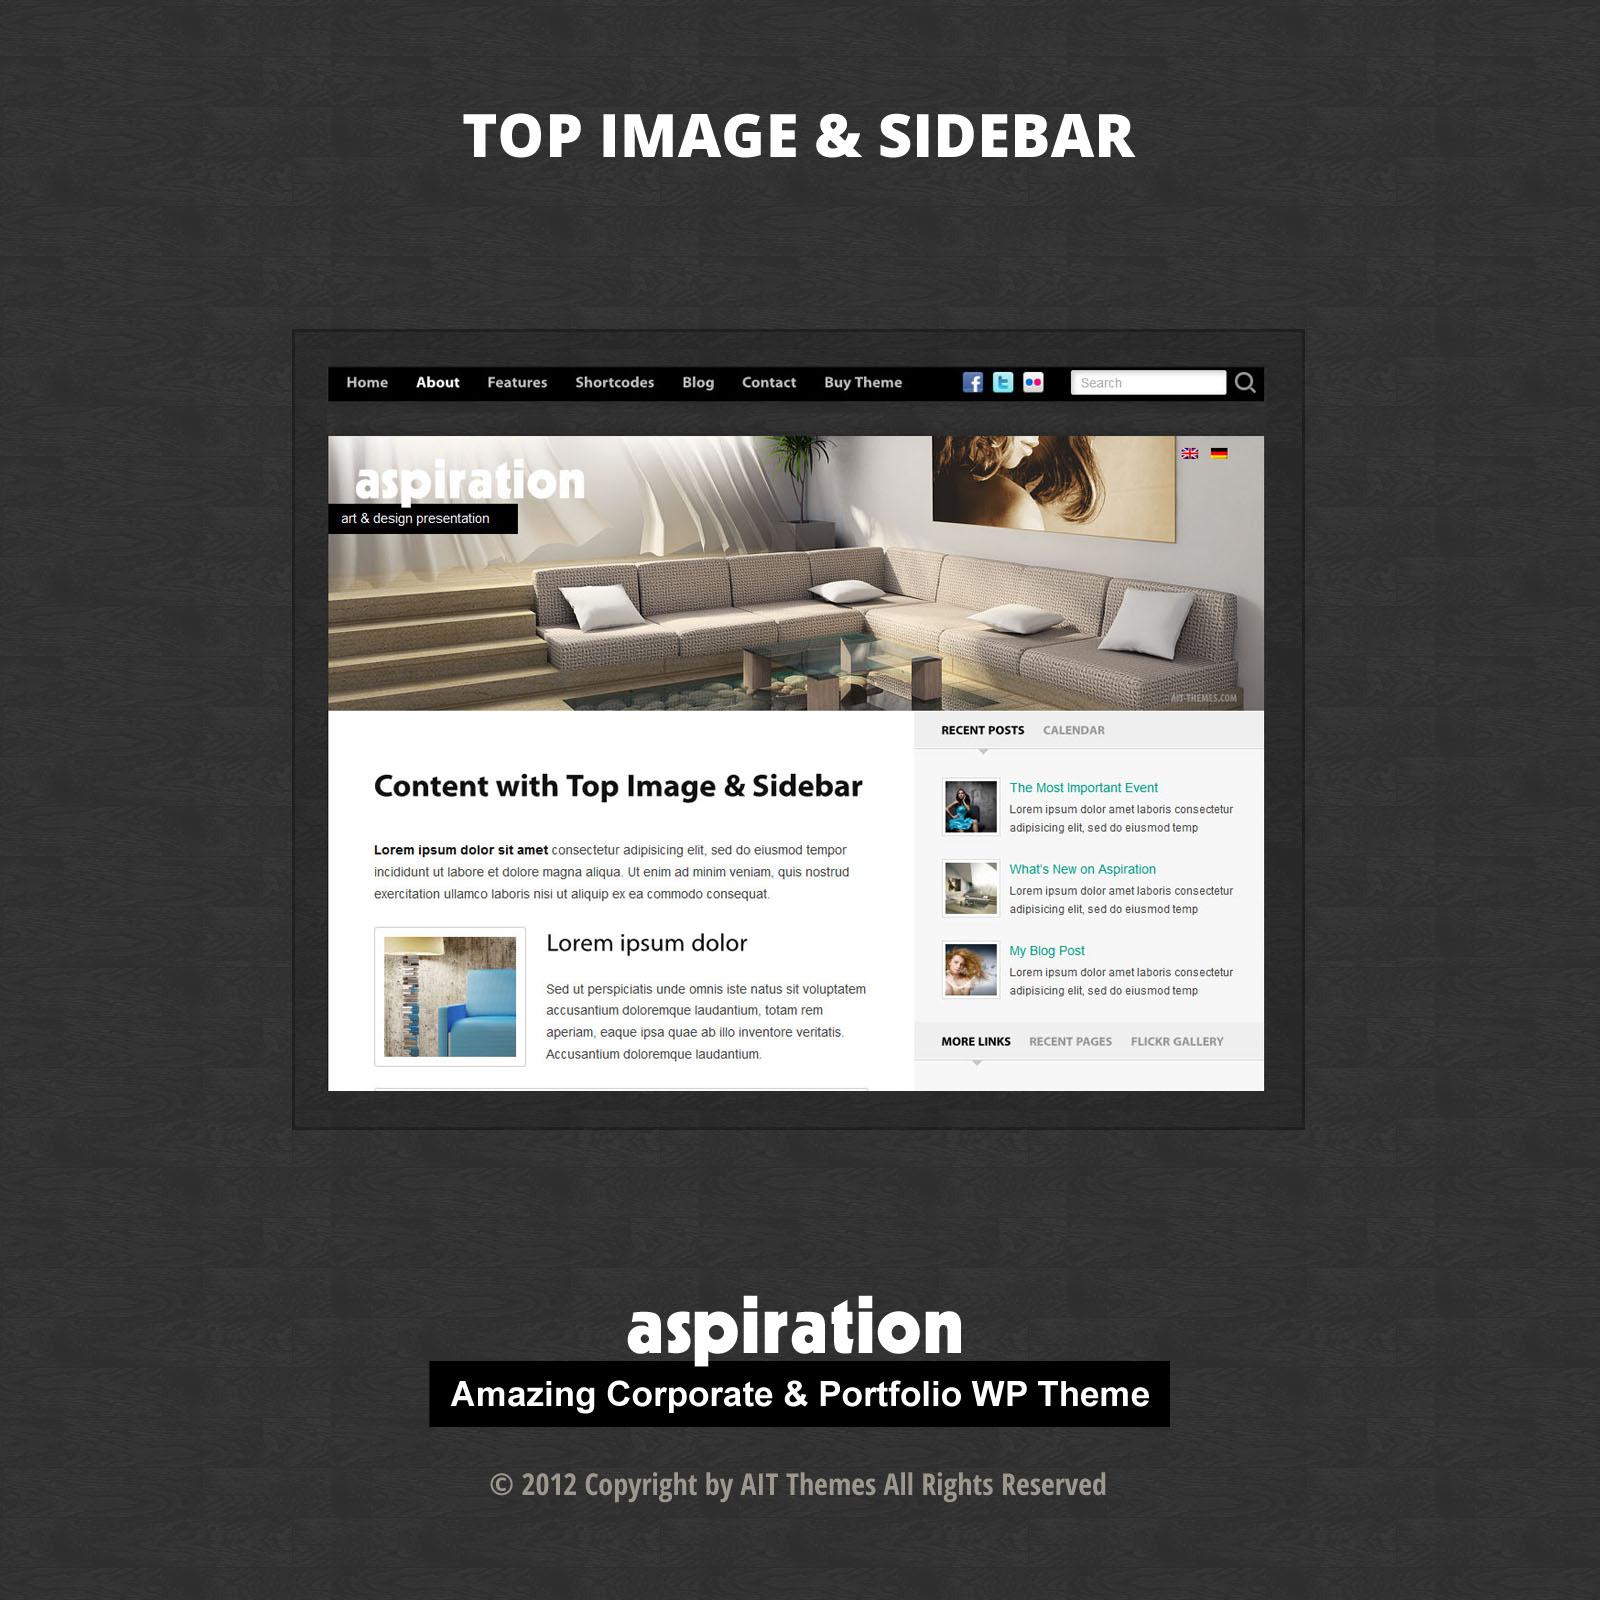 Съдържание с изображения отгоре & странична лента